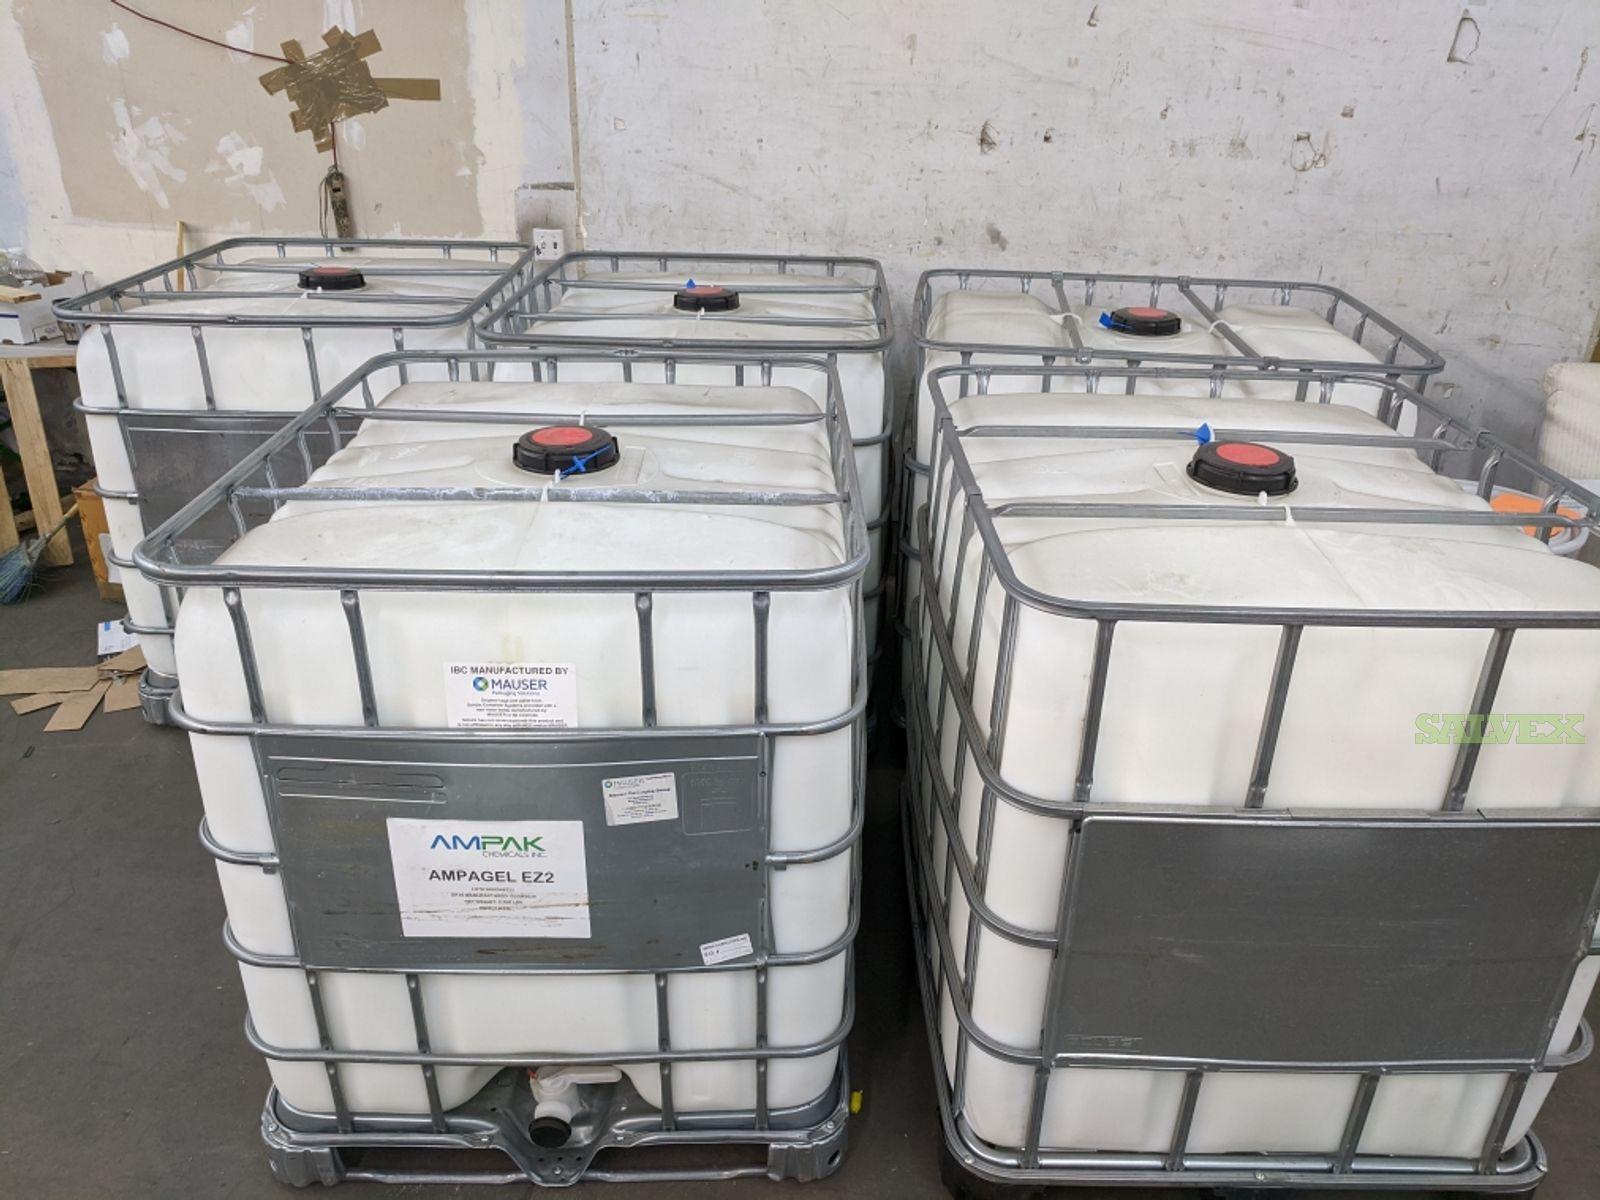 Carbomer / Ampagel EZ2 / Flocaree SK 425 Chemicals